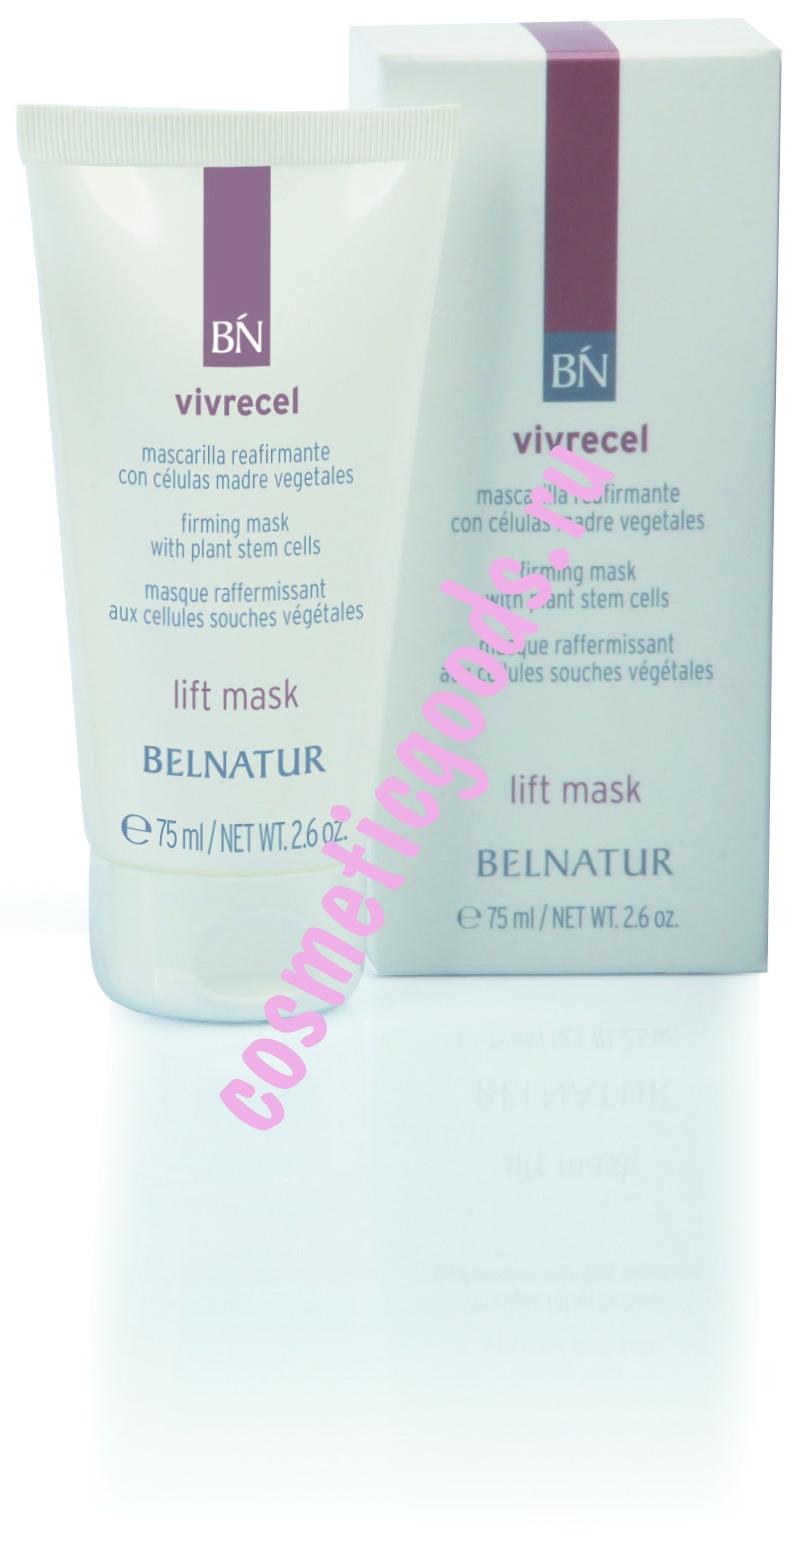 Vivrecel lift mask, виврецел лифт маск, belnatur 75мл. - маски - косметика для лицамагазин профессиональной косметики. в маг.